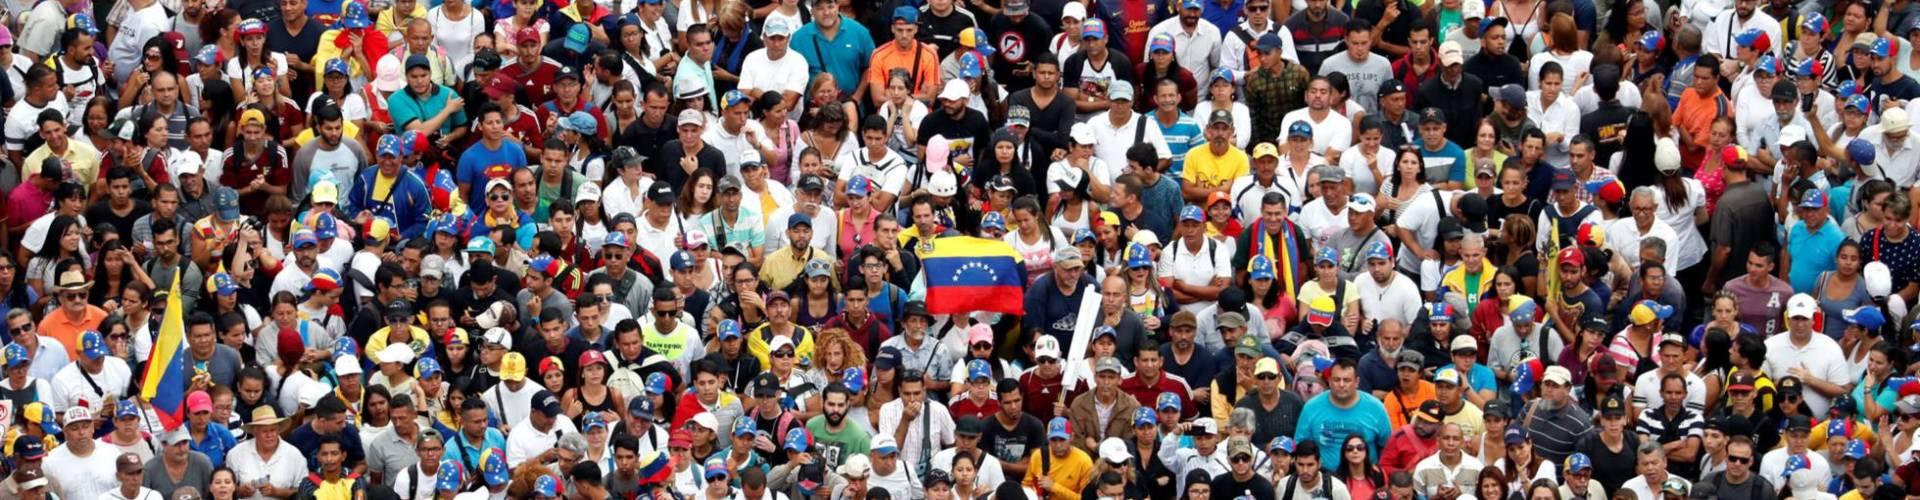 Oposición venezolana se hace sentir en calles